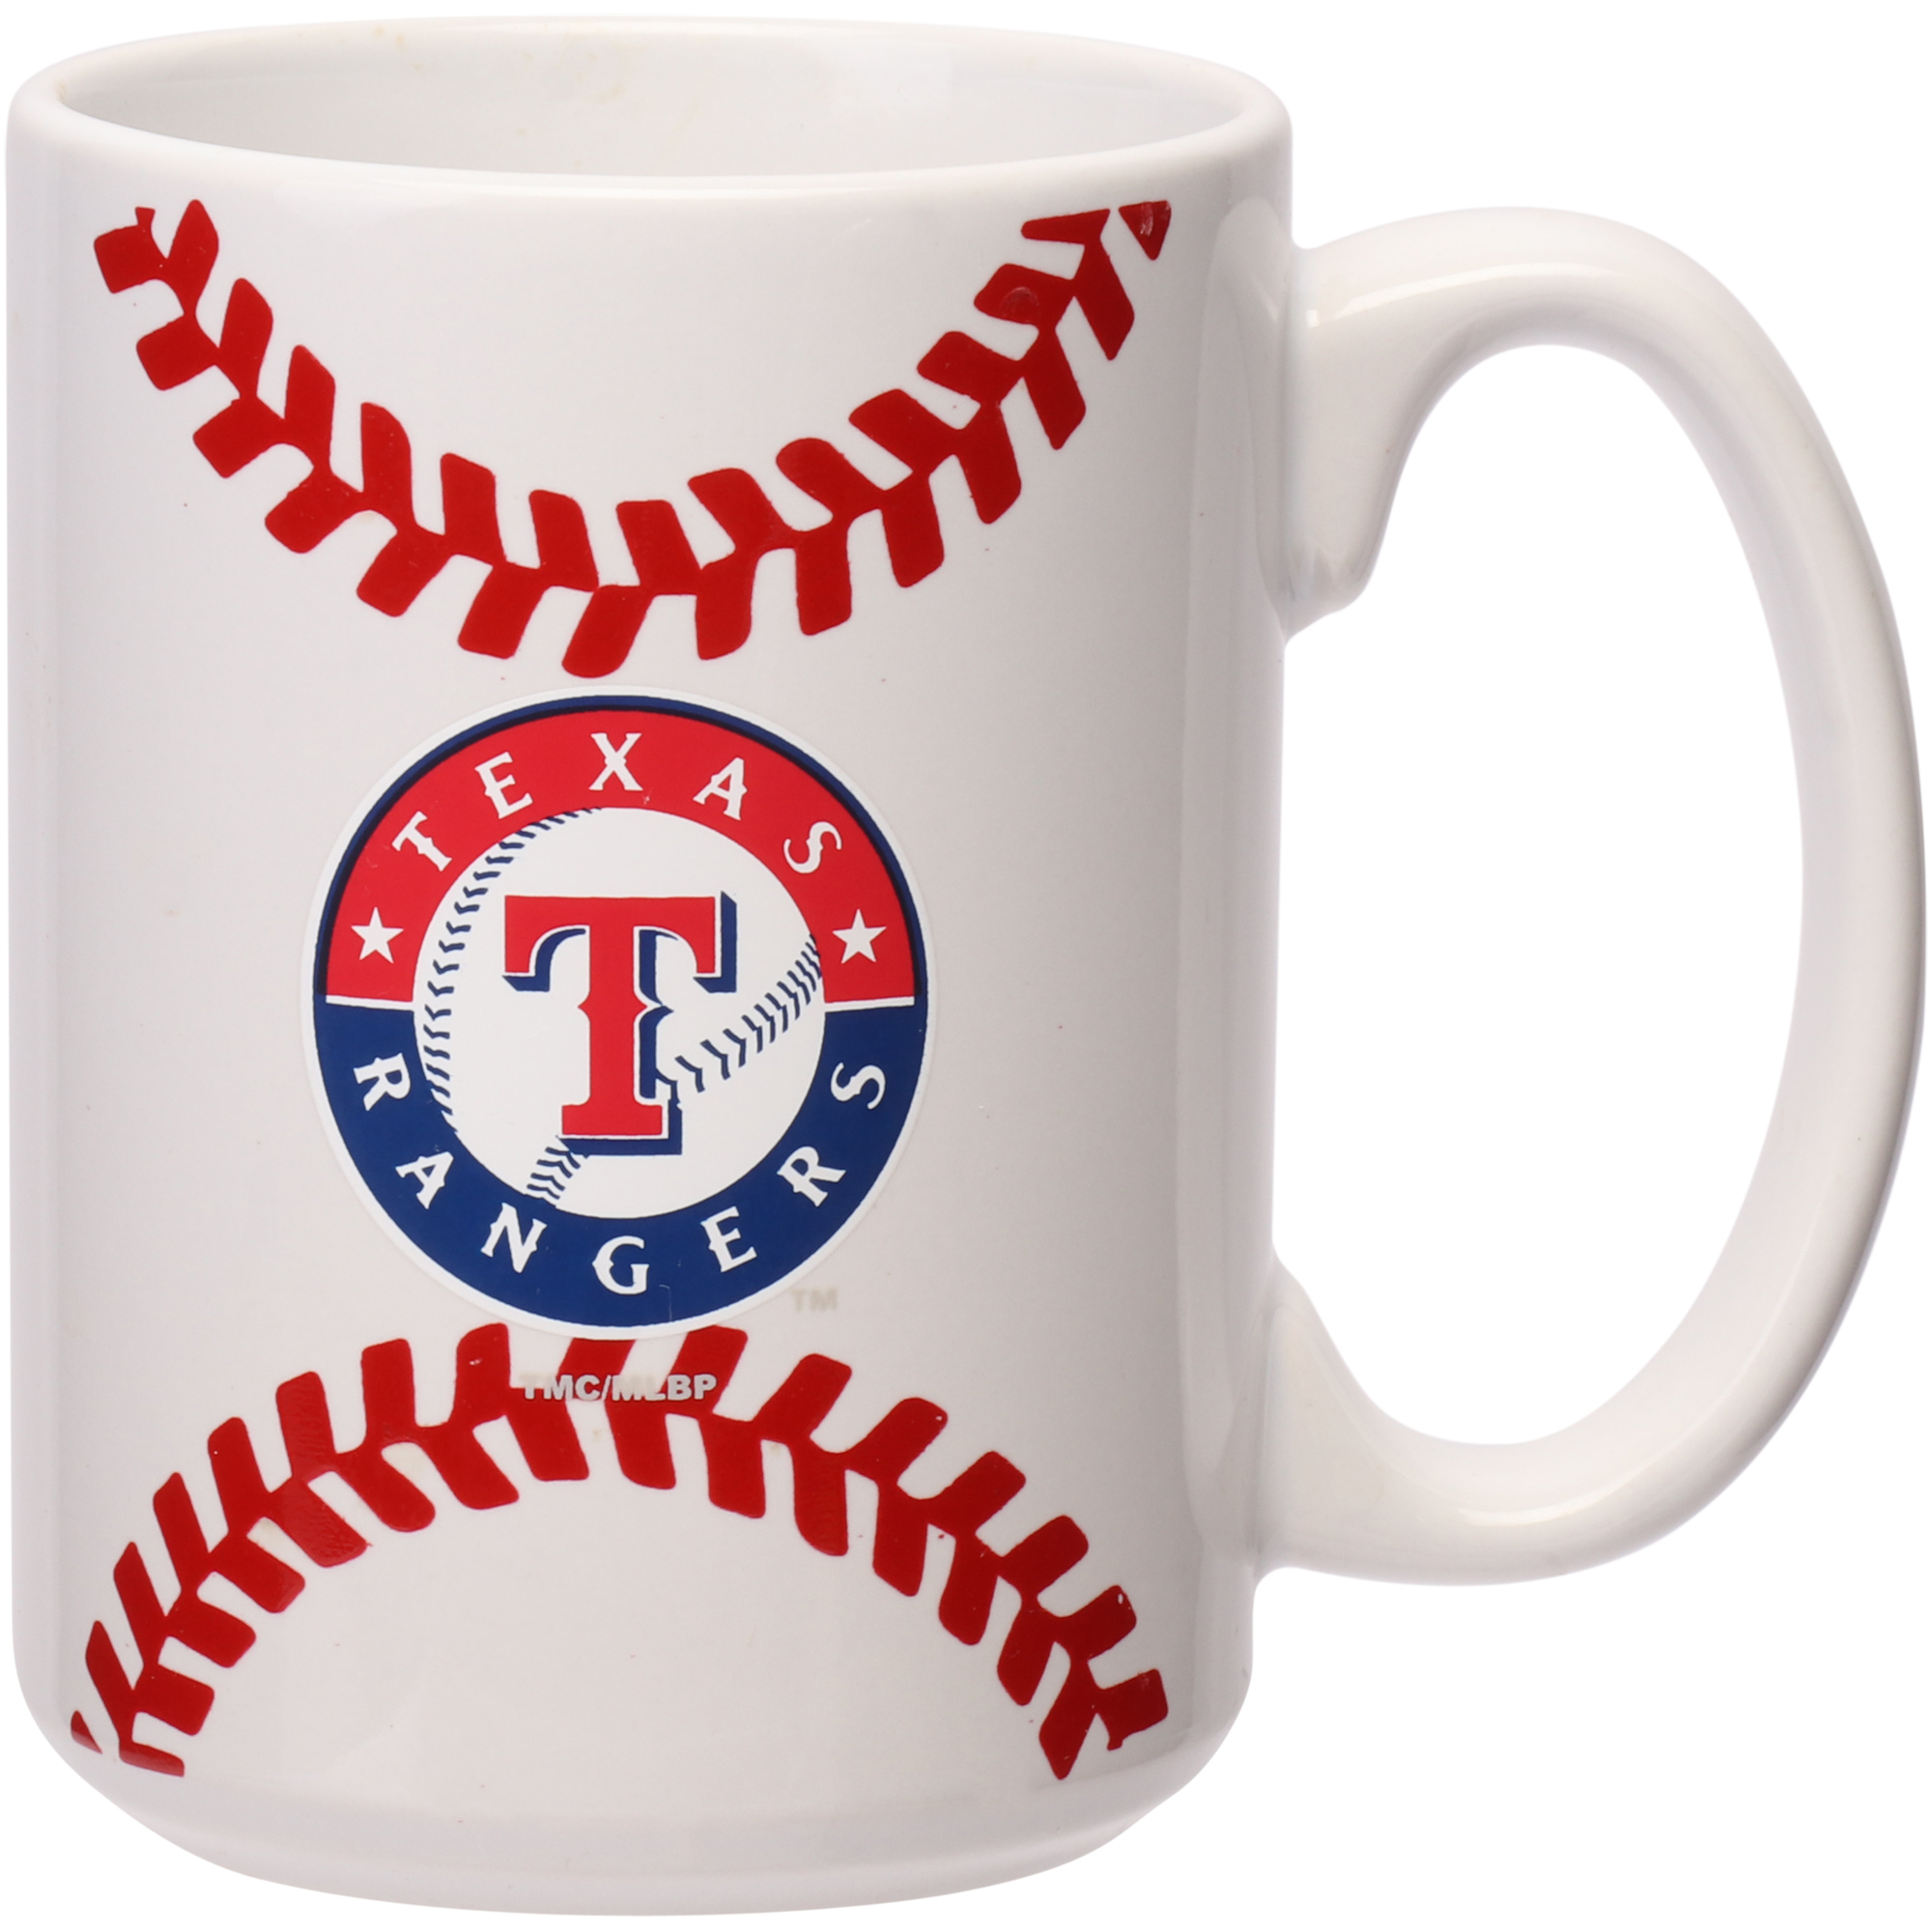 Texas Rangers 15oz. Baseball Mug - No Size